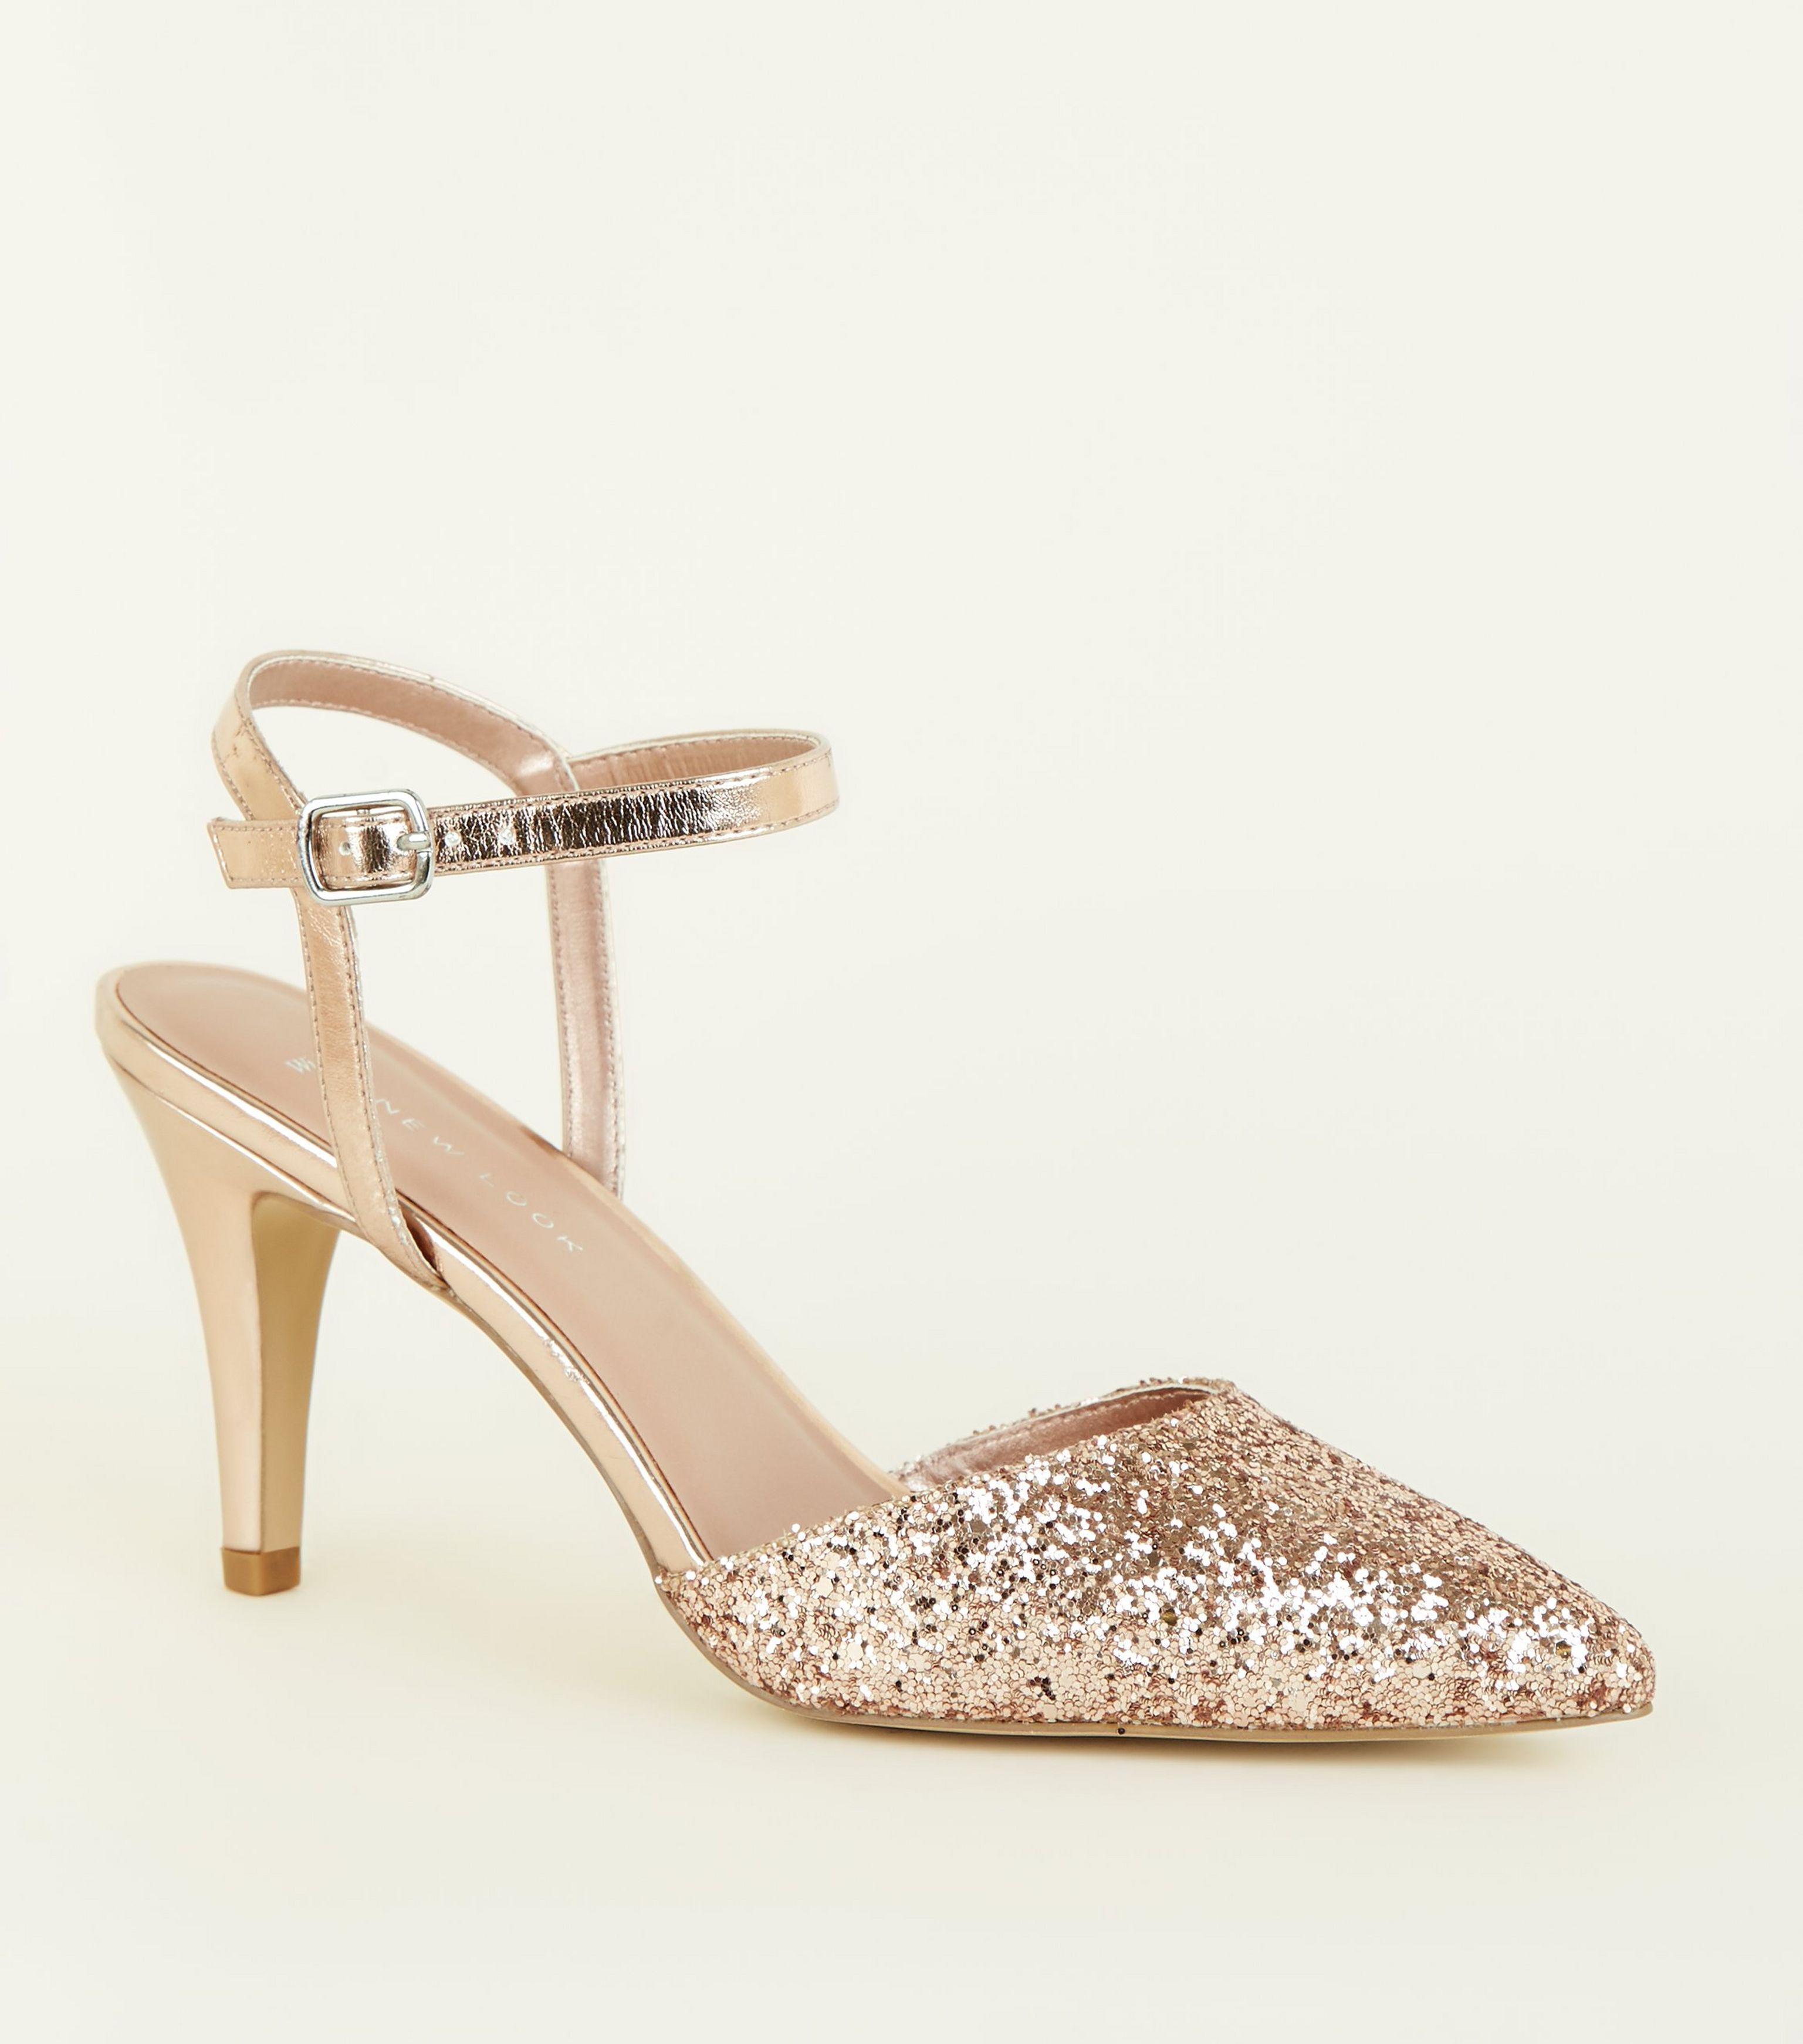 5282063edfec New Look Wide Fit Rose Gold Glitter Stiletto Heels in Metallic - Lyst